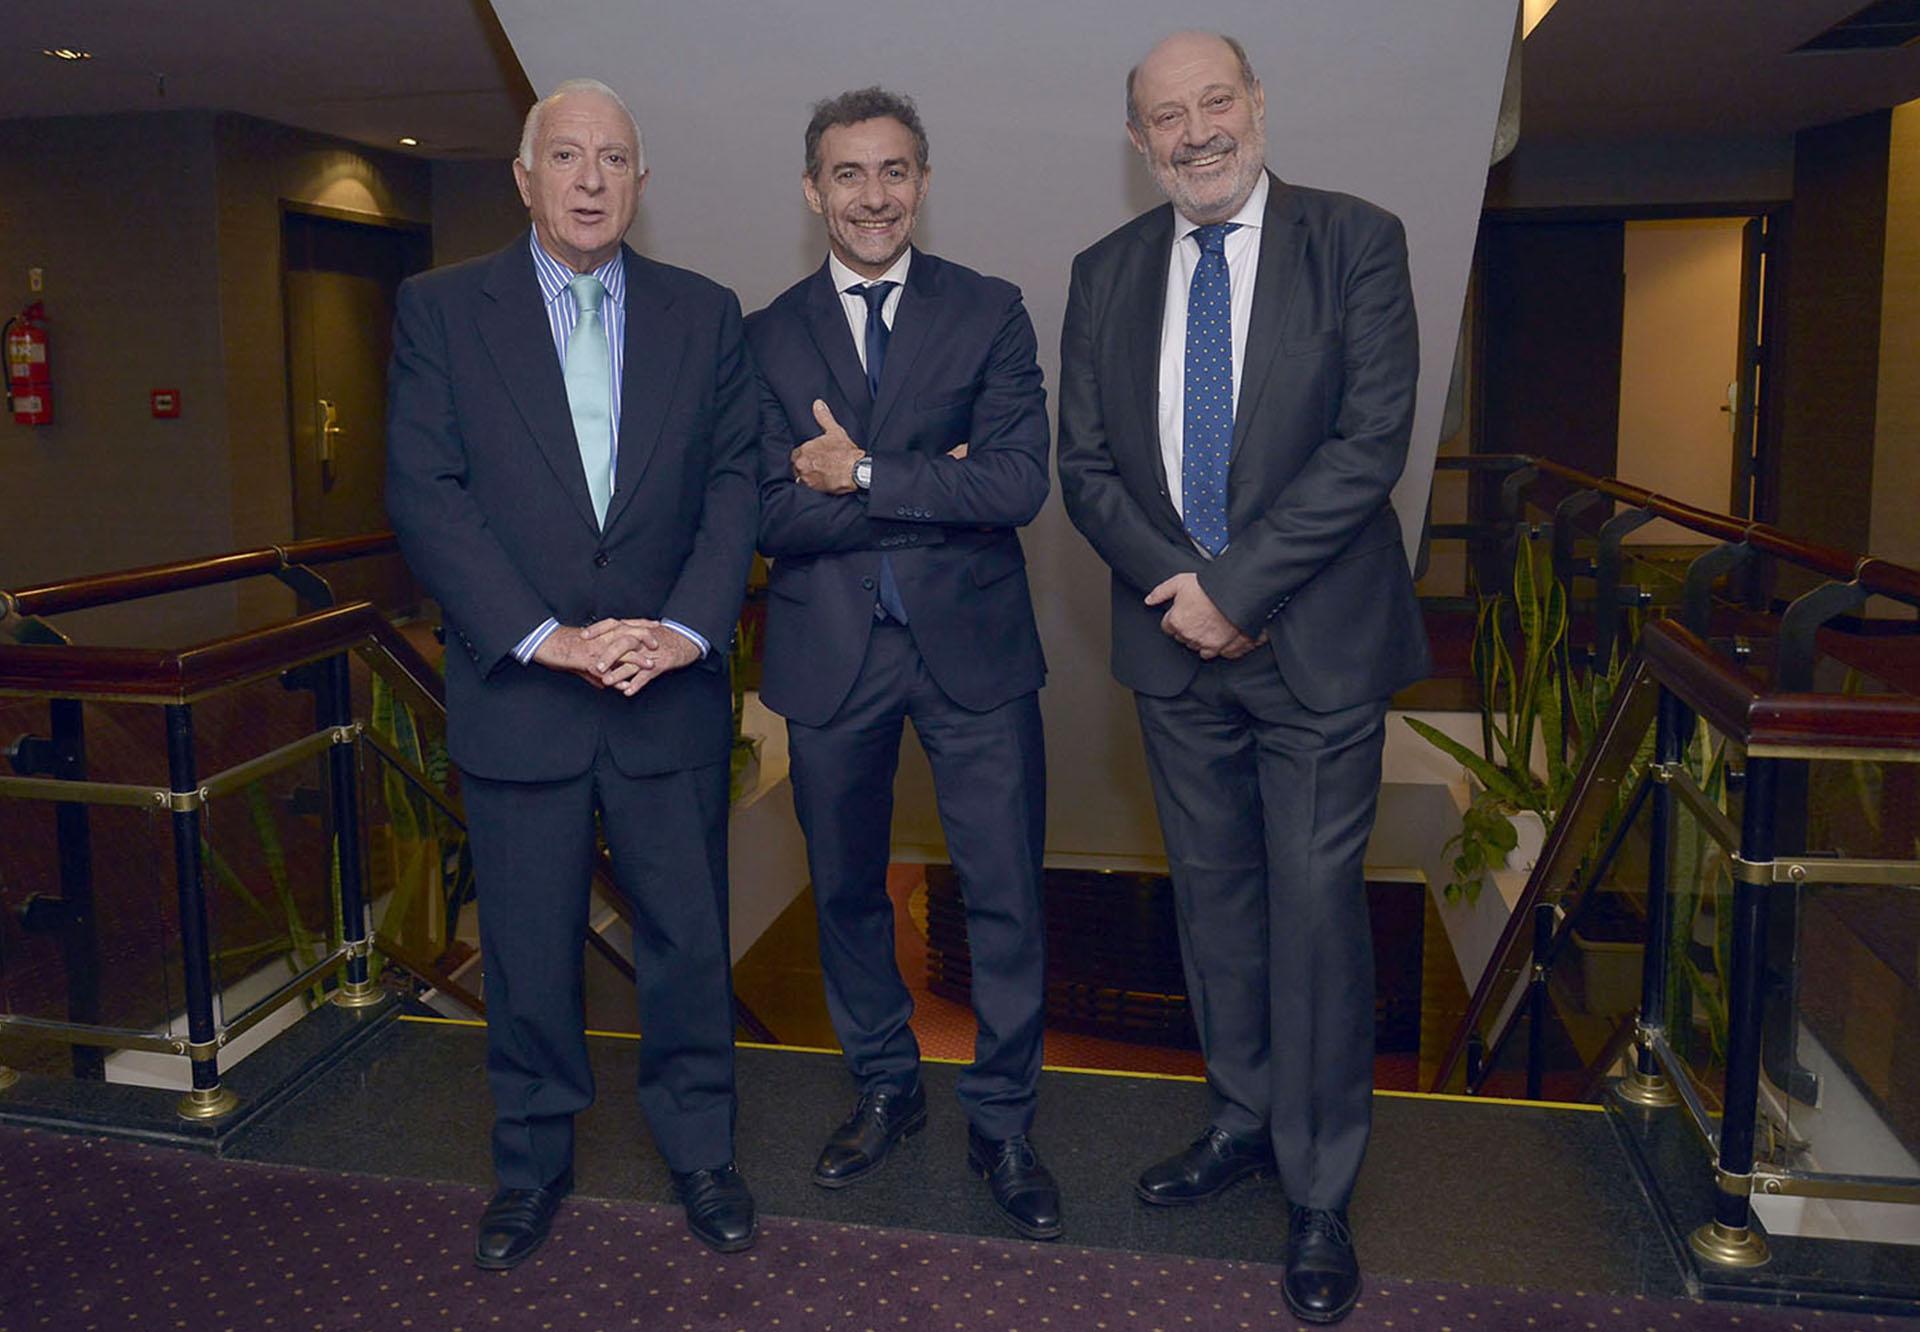 El director de Relaciones Institucionales del diario La Nación, Norberto Frigerio, junto a los periodistas LuisMajuly Alfredo Leuco